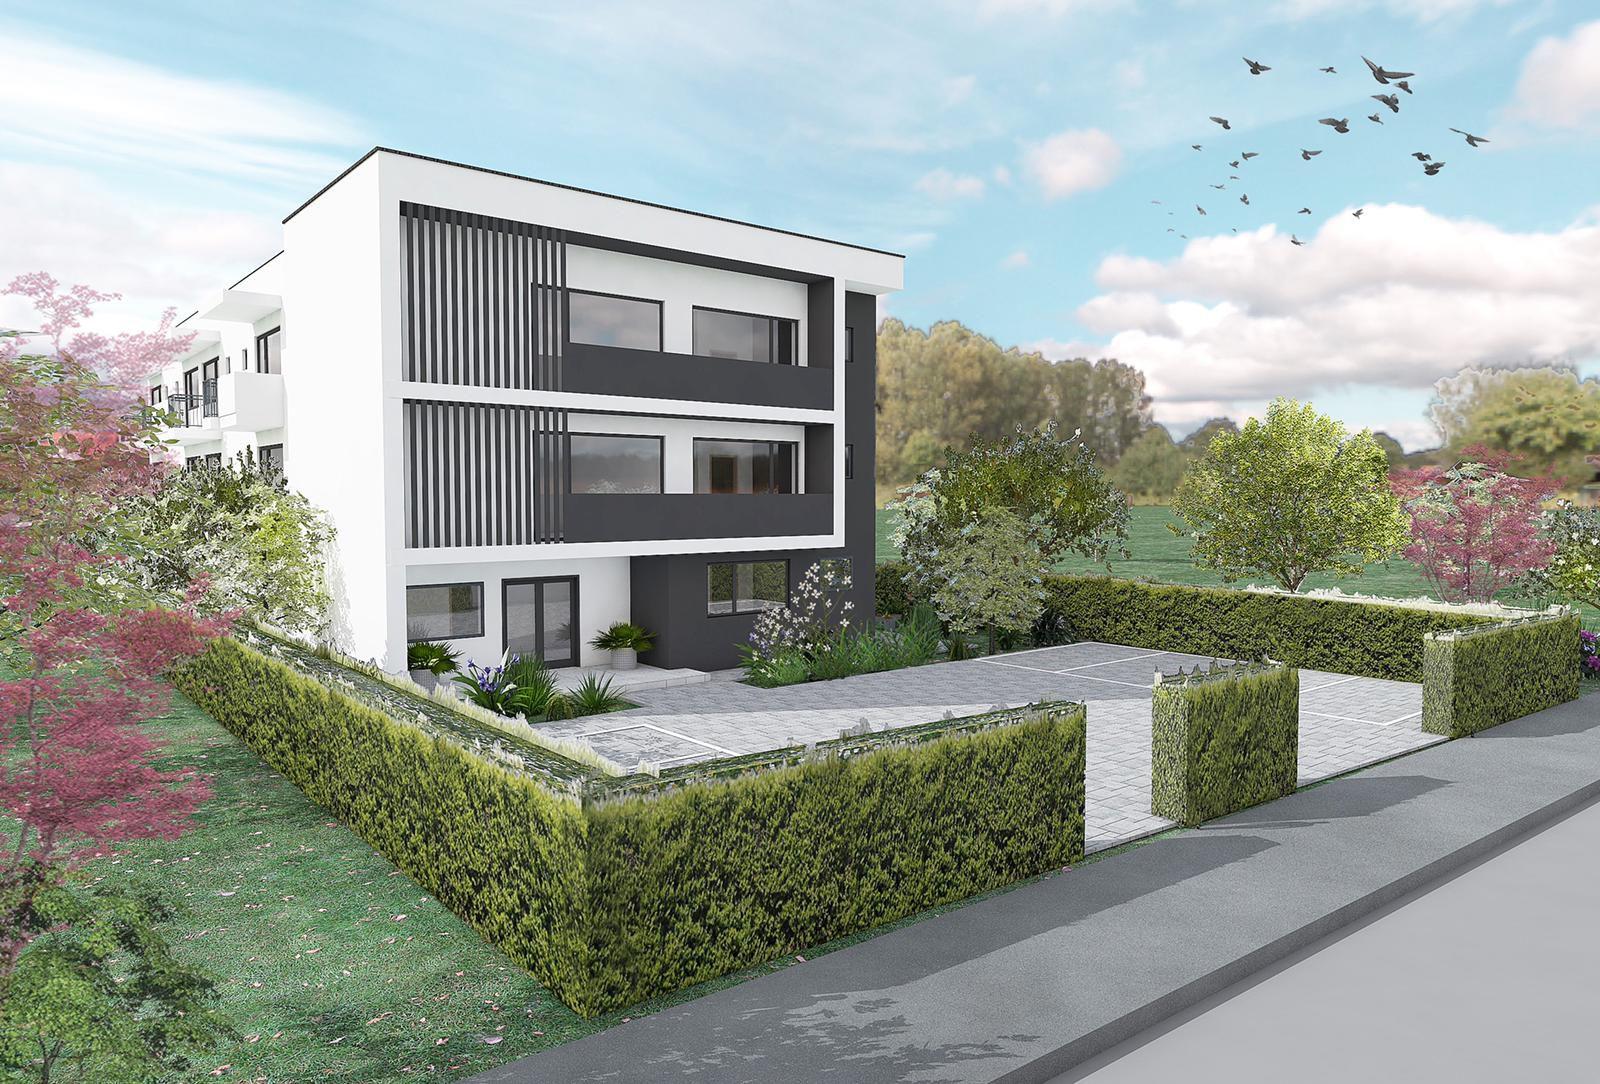 Vanzare Apartament 2 camere - CENTRAL, Costinesti